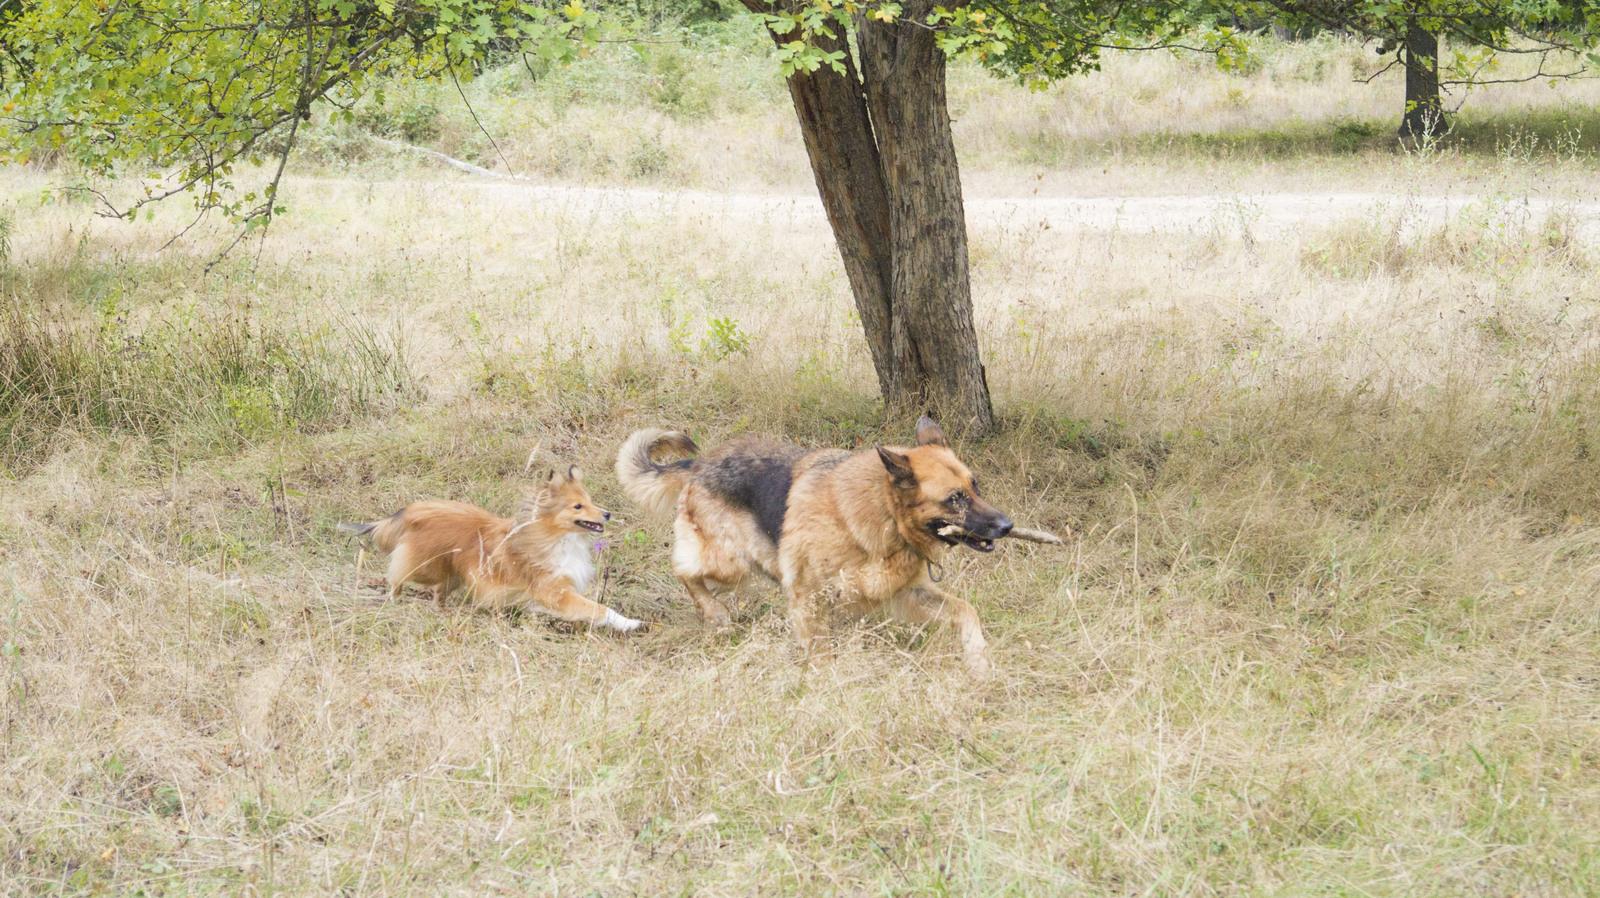 Самая крупная собака в мире скончалась в США - РИА Новости, 25.10.2013 | 898x1600